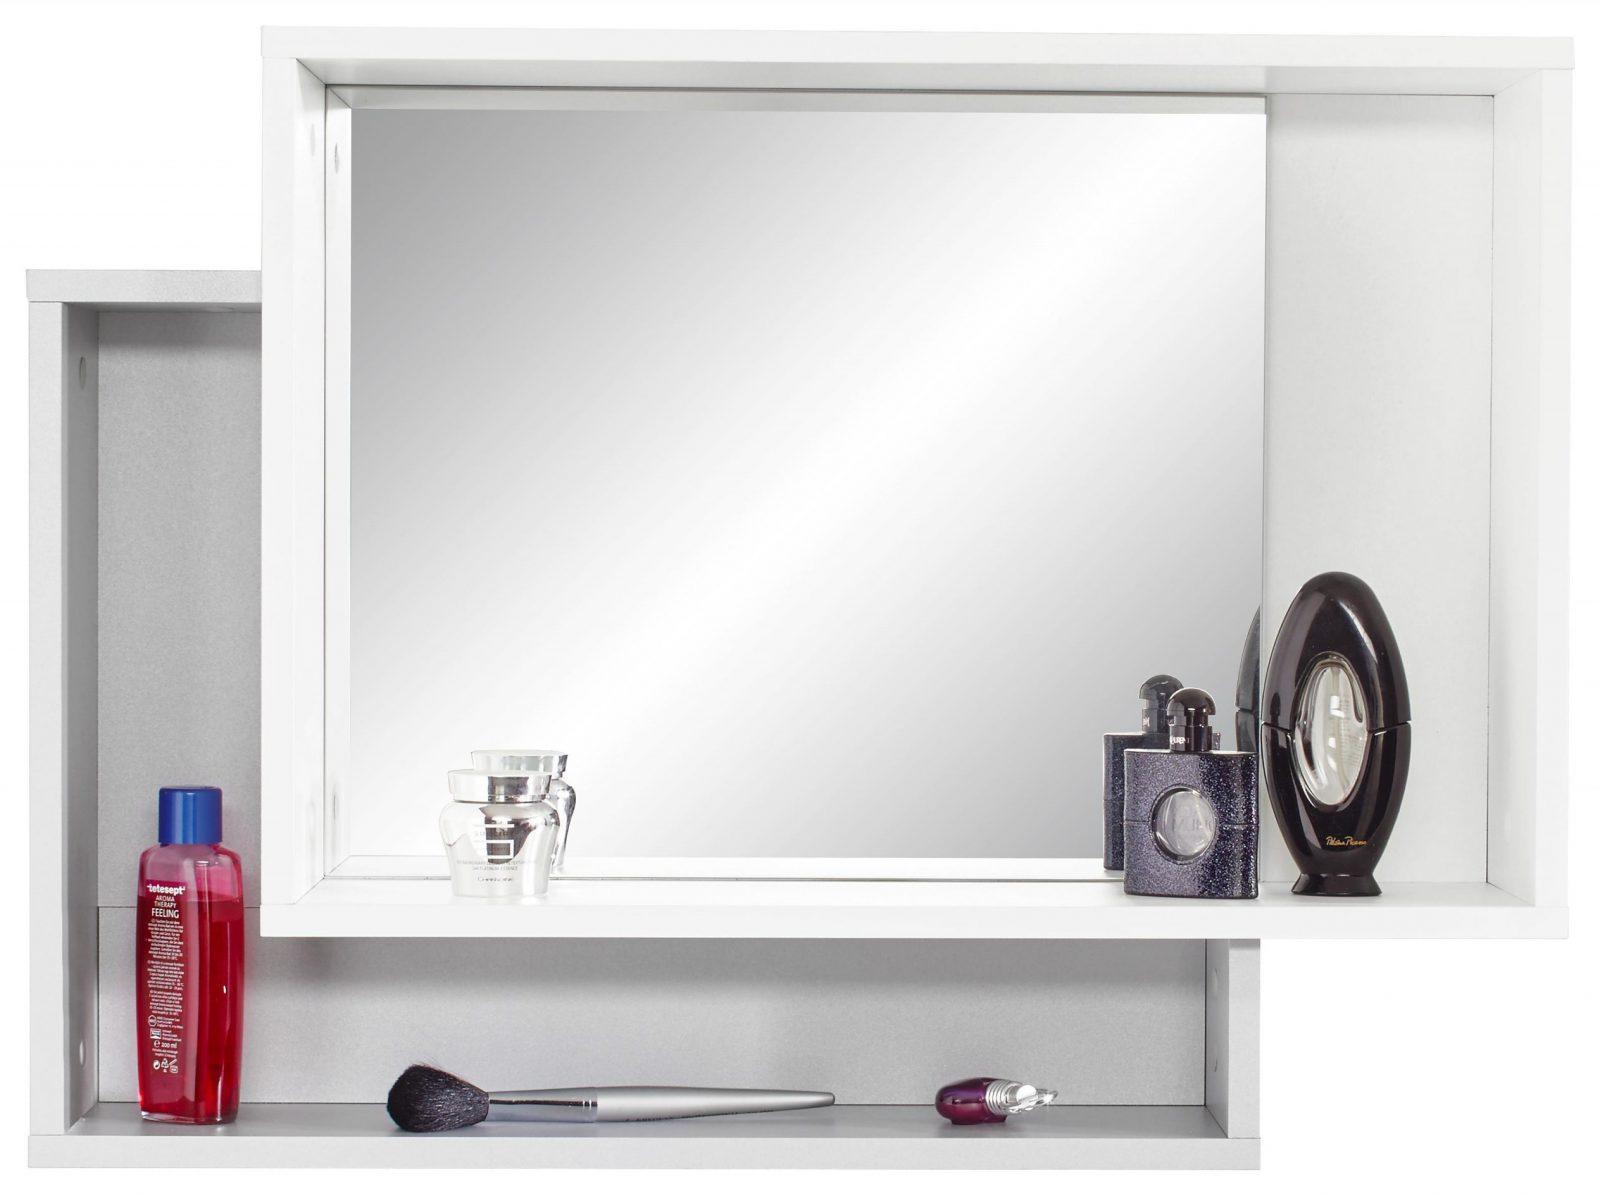 Spiegelschränke Entdecken von Bad Spiegelschrank Mit Beleuchtung Günstig Bild